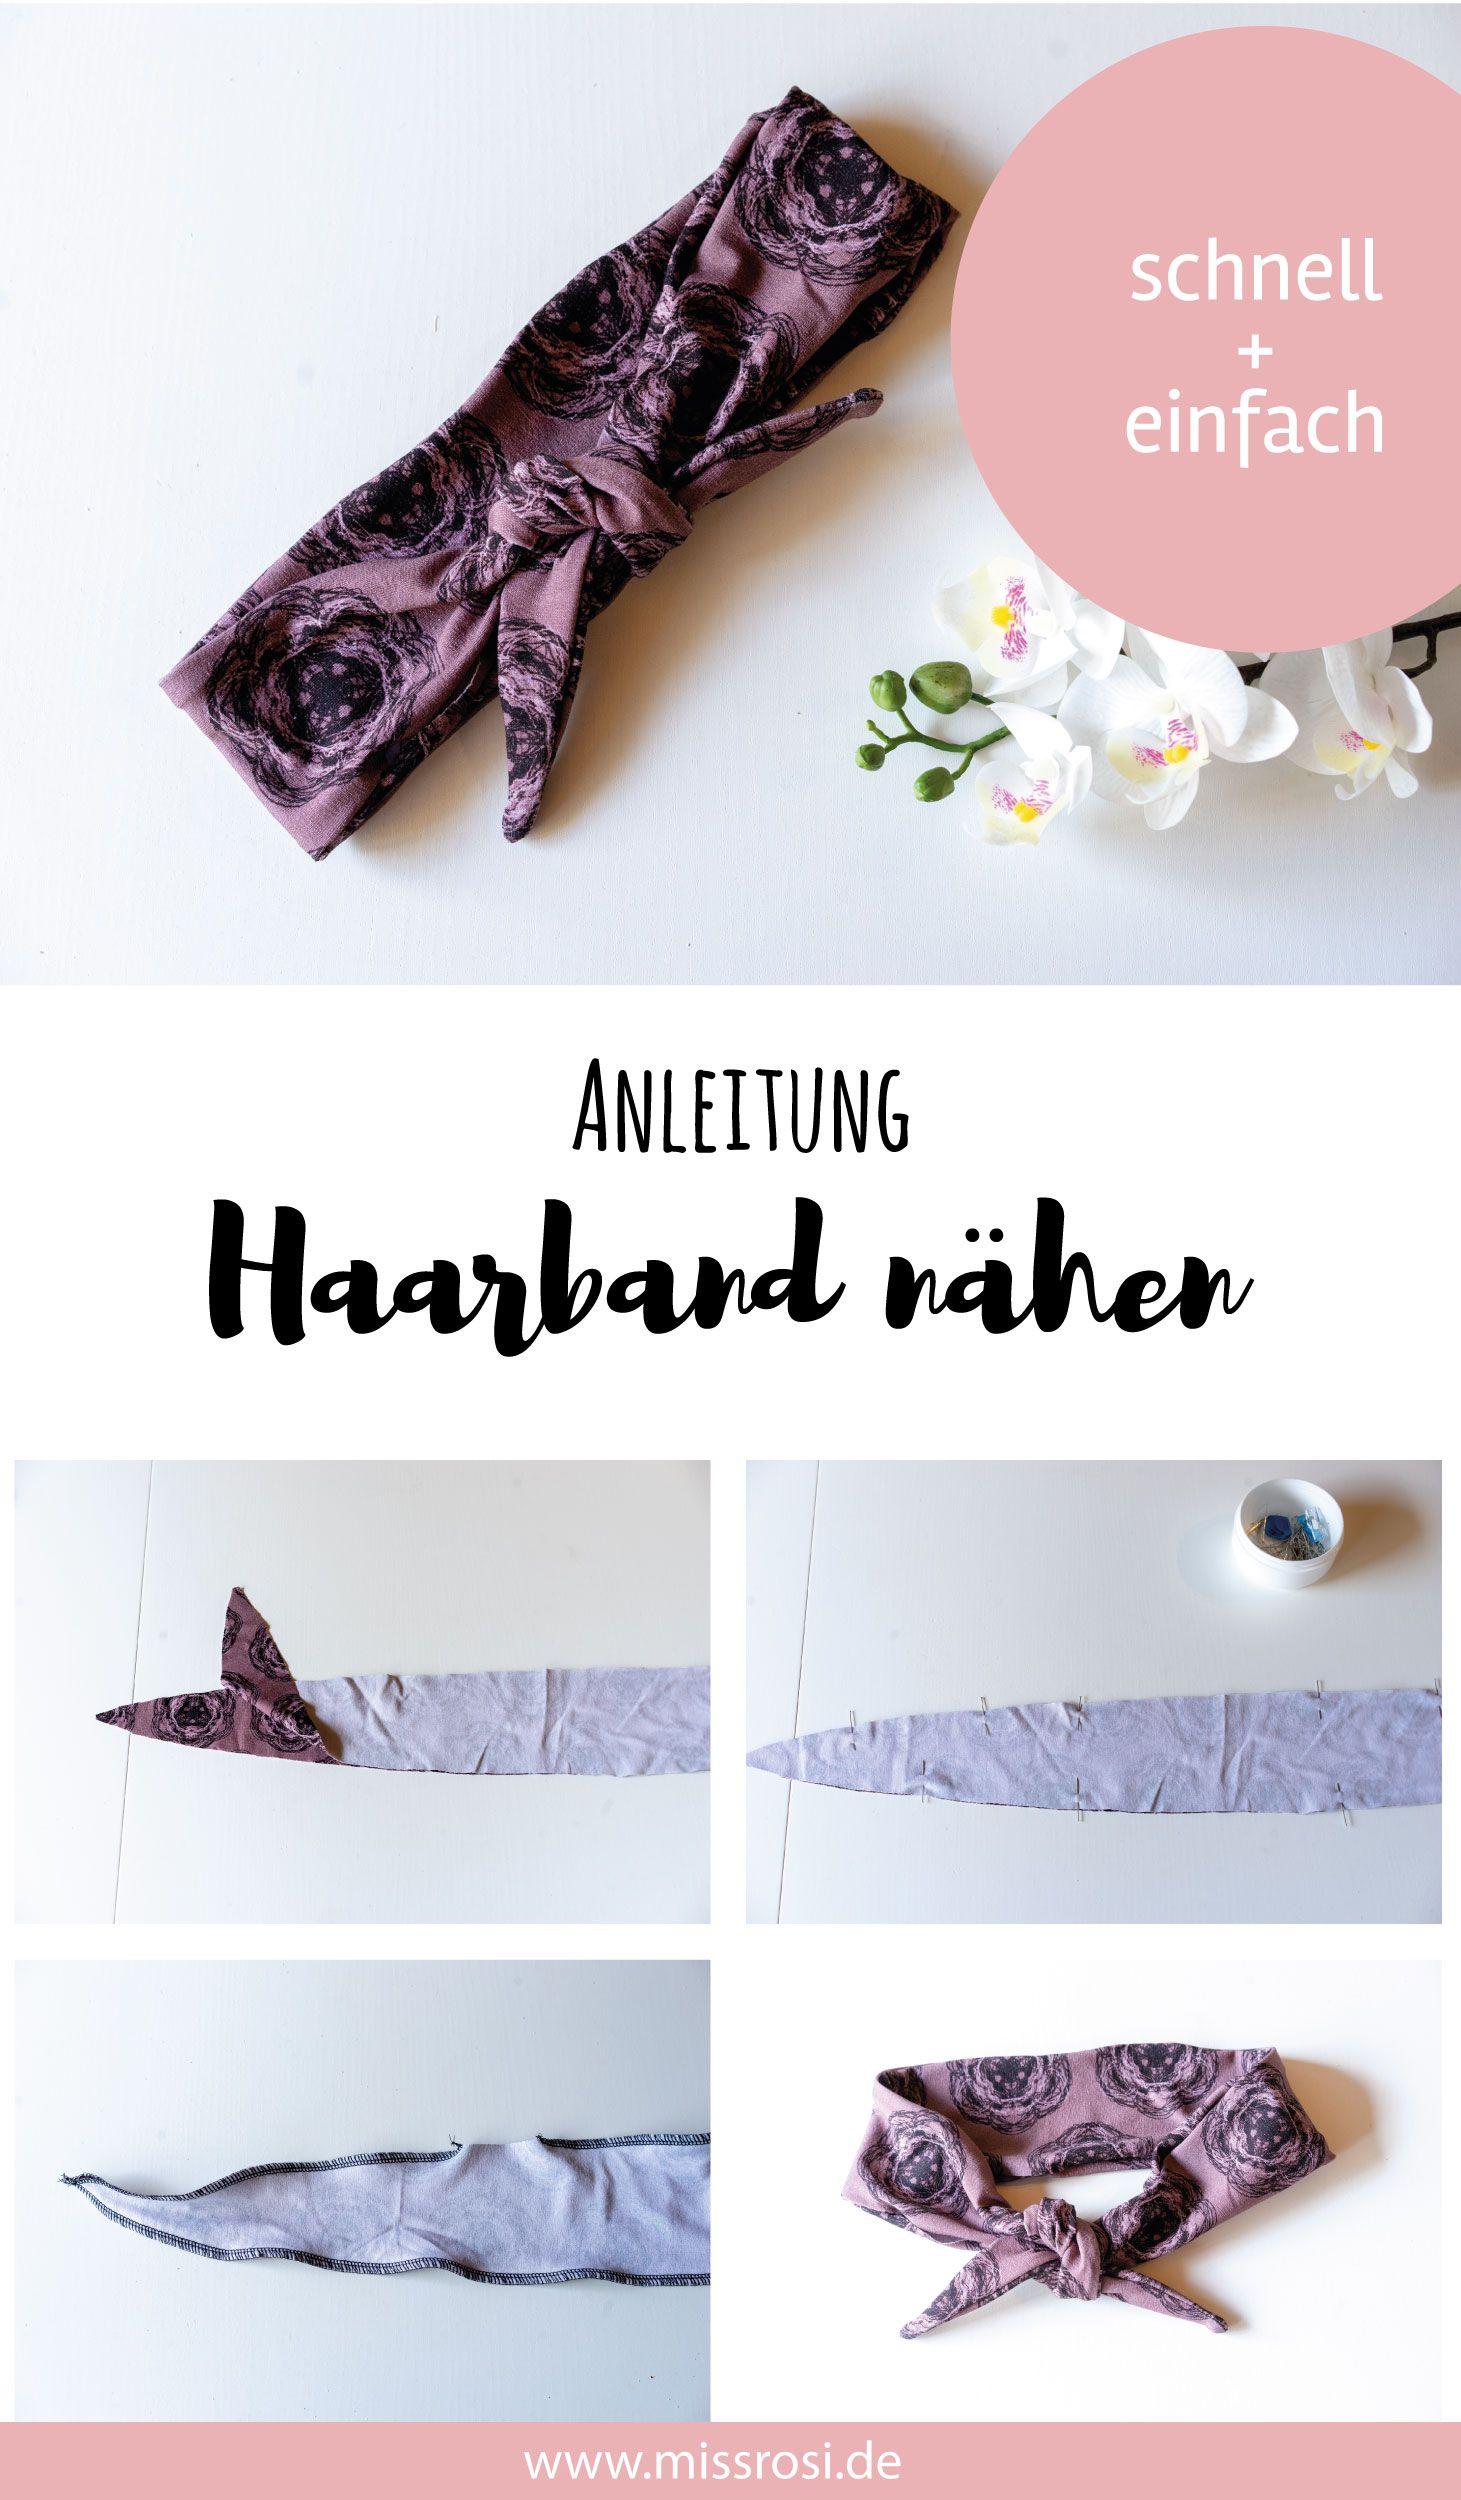 Haarband nähen, einfache Anleitung für Anfänger #diybabyheadbands